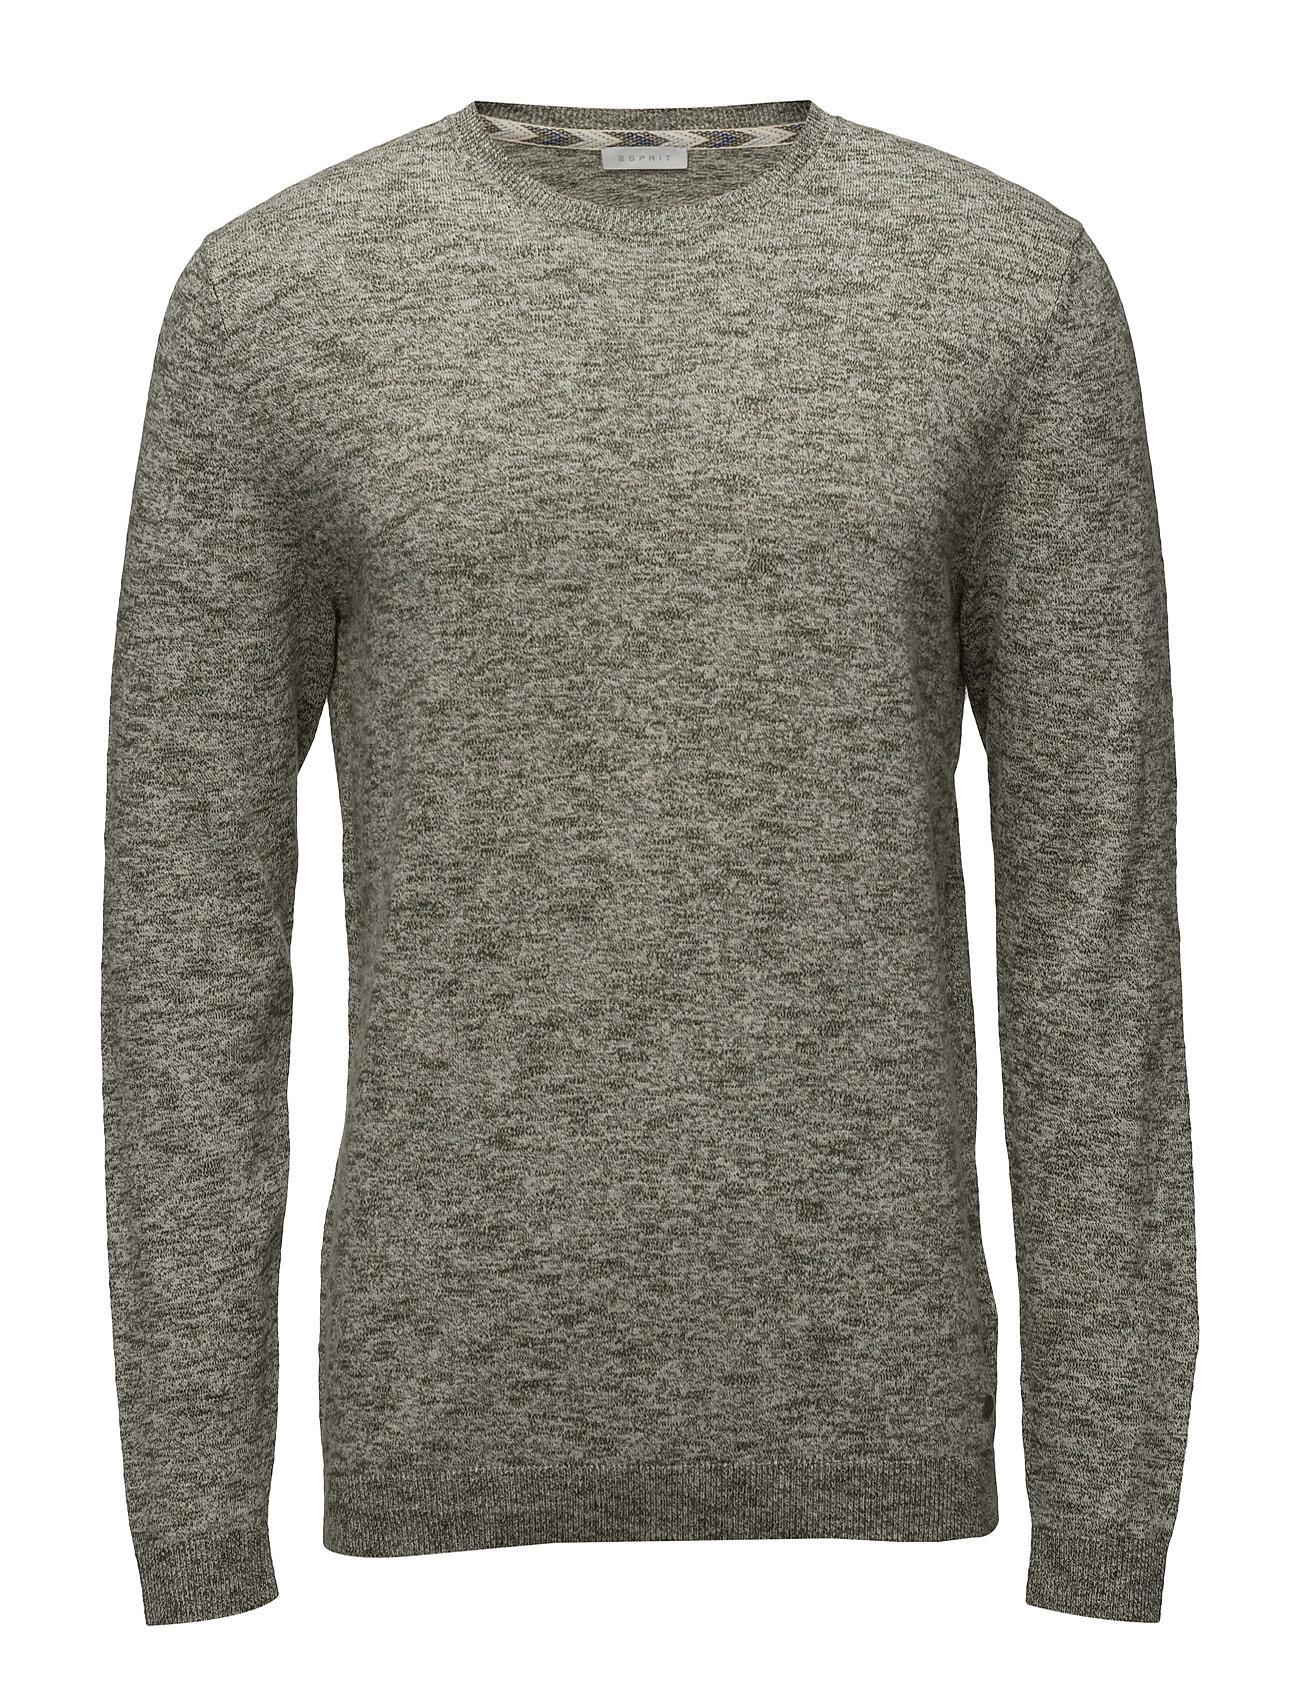 Sweaters Esprit Casual Striktøj til Mænd i